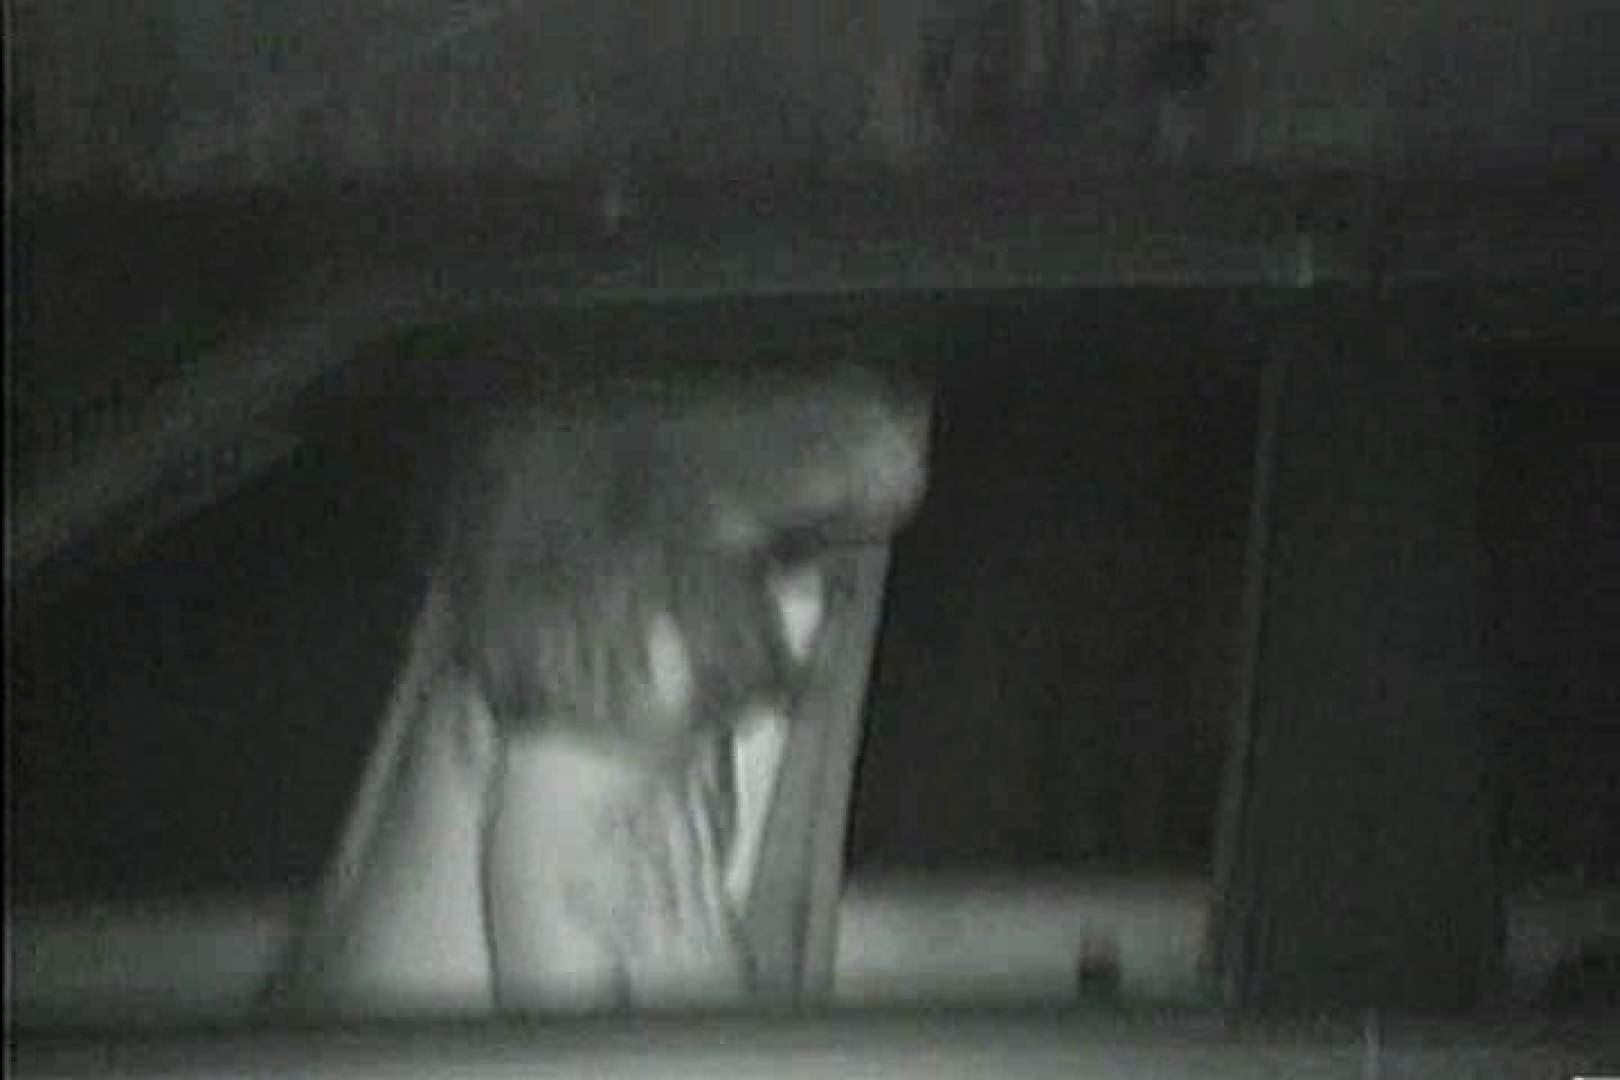 車の中はラブホテル 無修正版  Vol.9 車 オマンコ動画キャプチャ 88連発 43